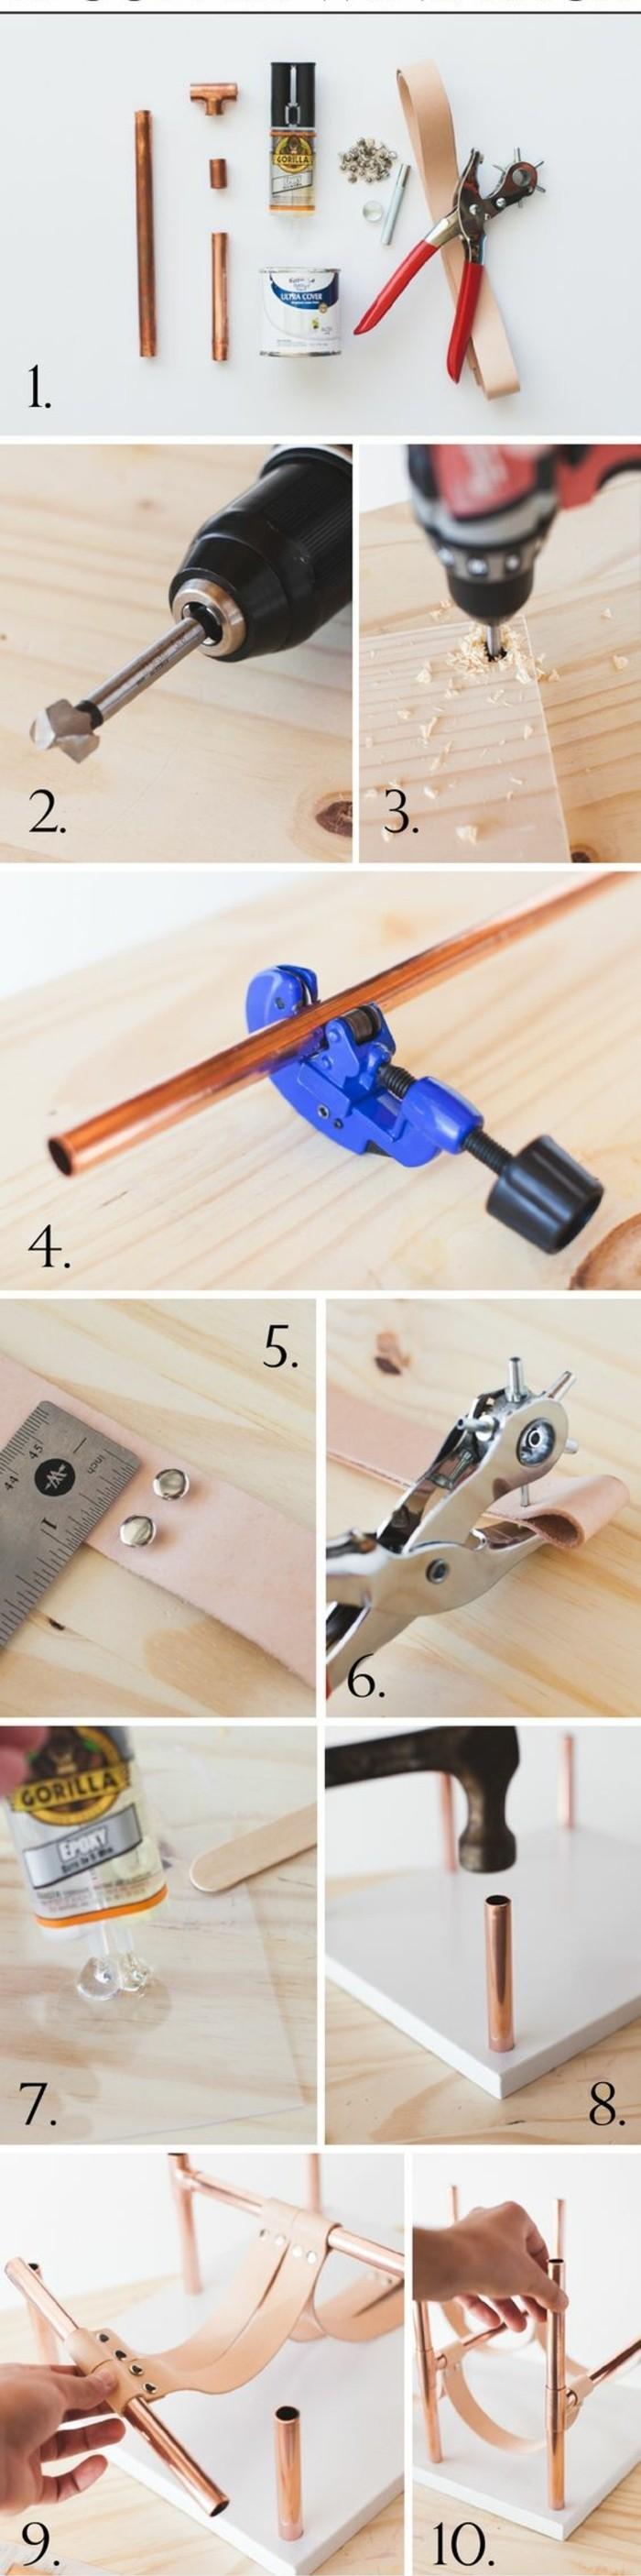 50 id es pour int grer le tube de cuivre dans votre d cor for Comment nettoyer le cuivre jaune